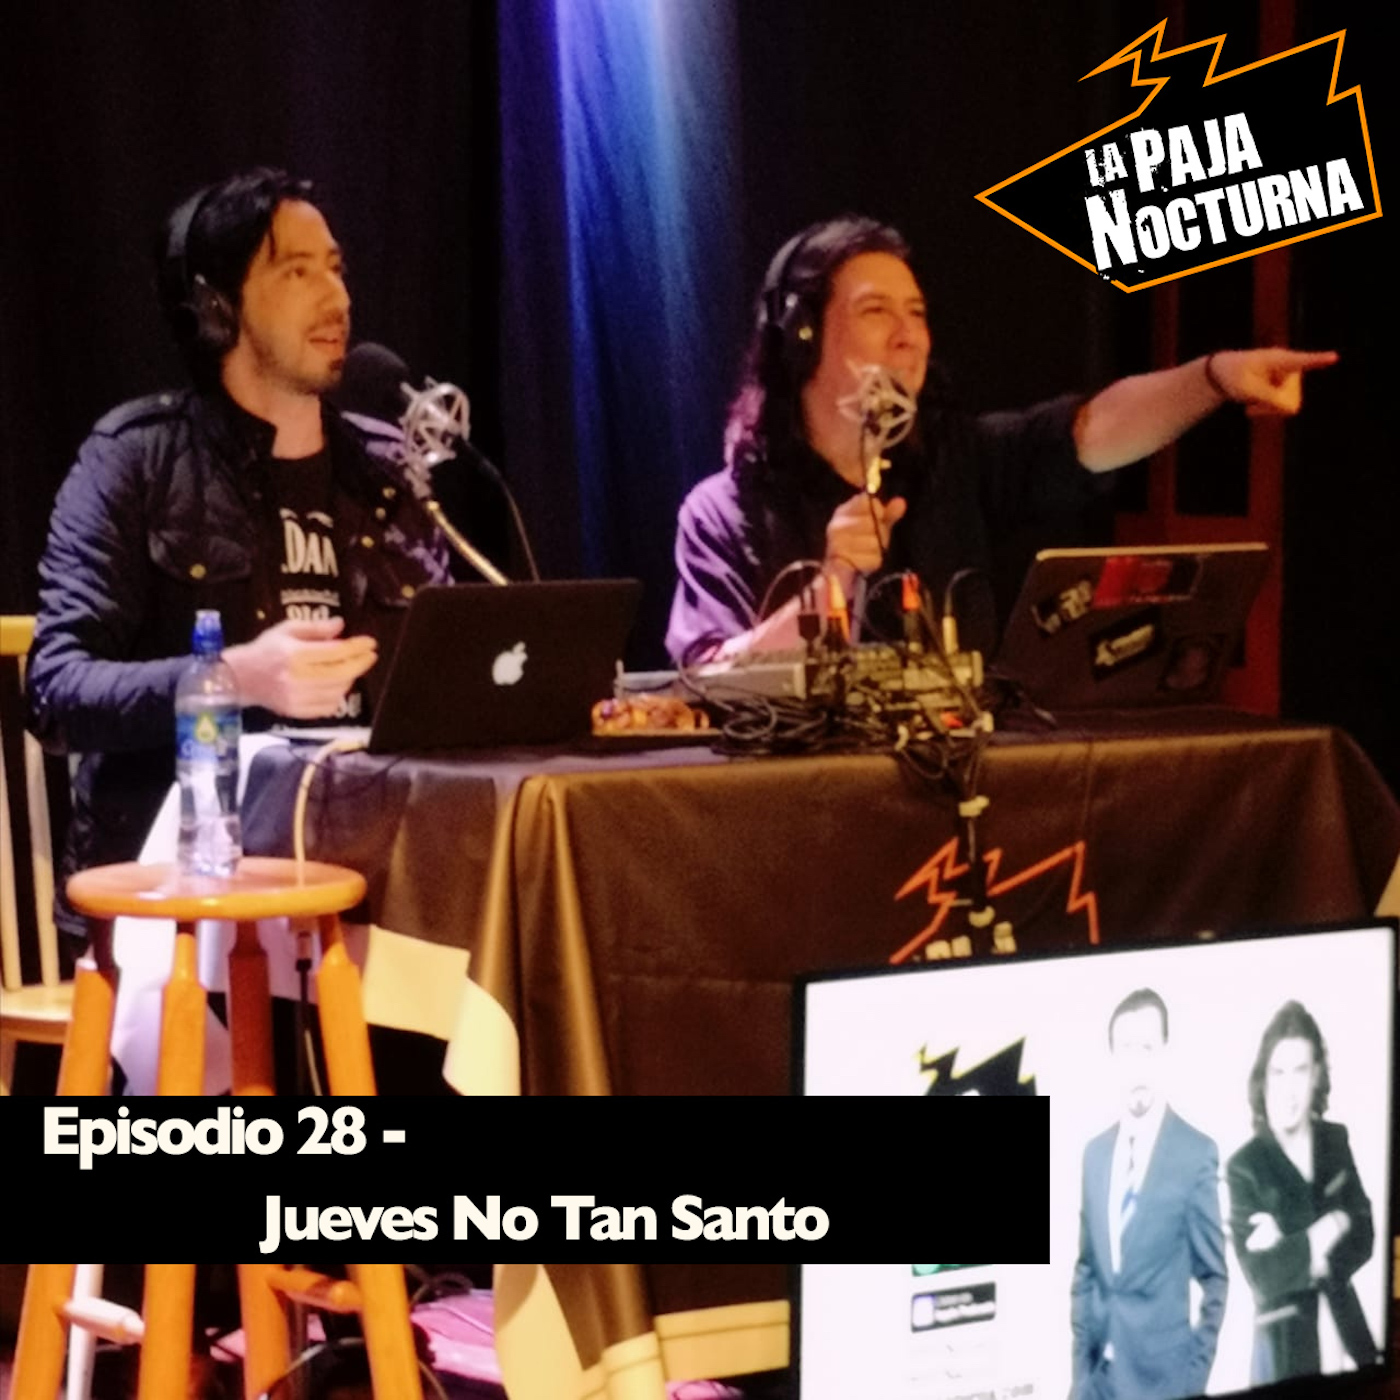 La Paja Nocturna Podcast Episodio 28